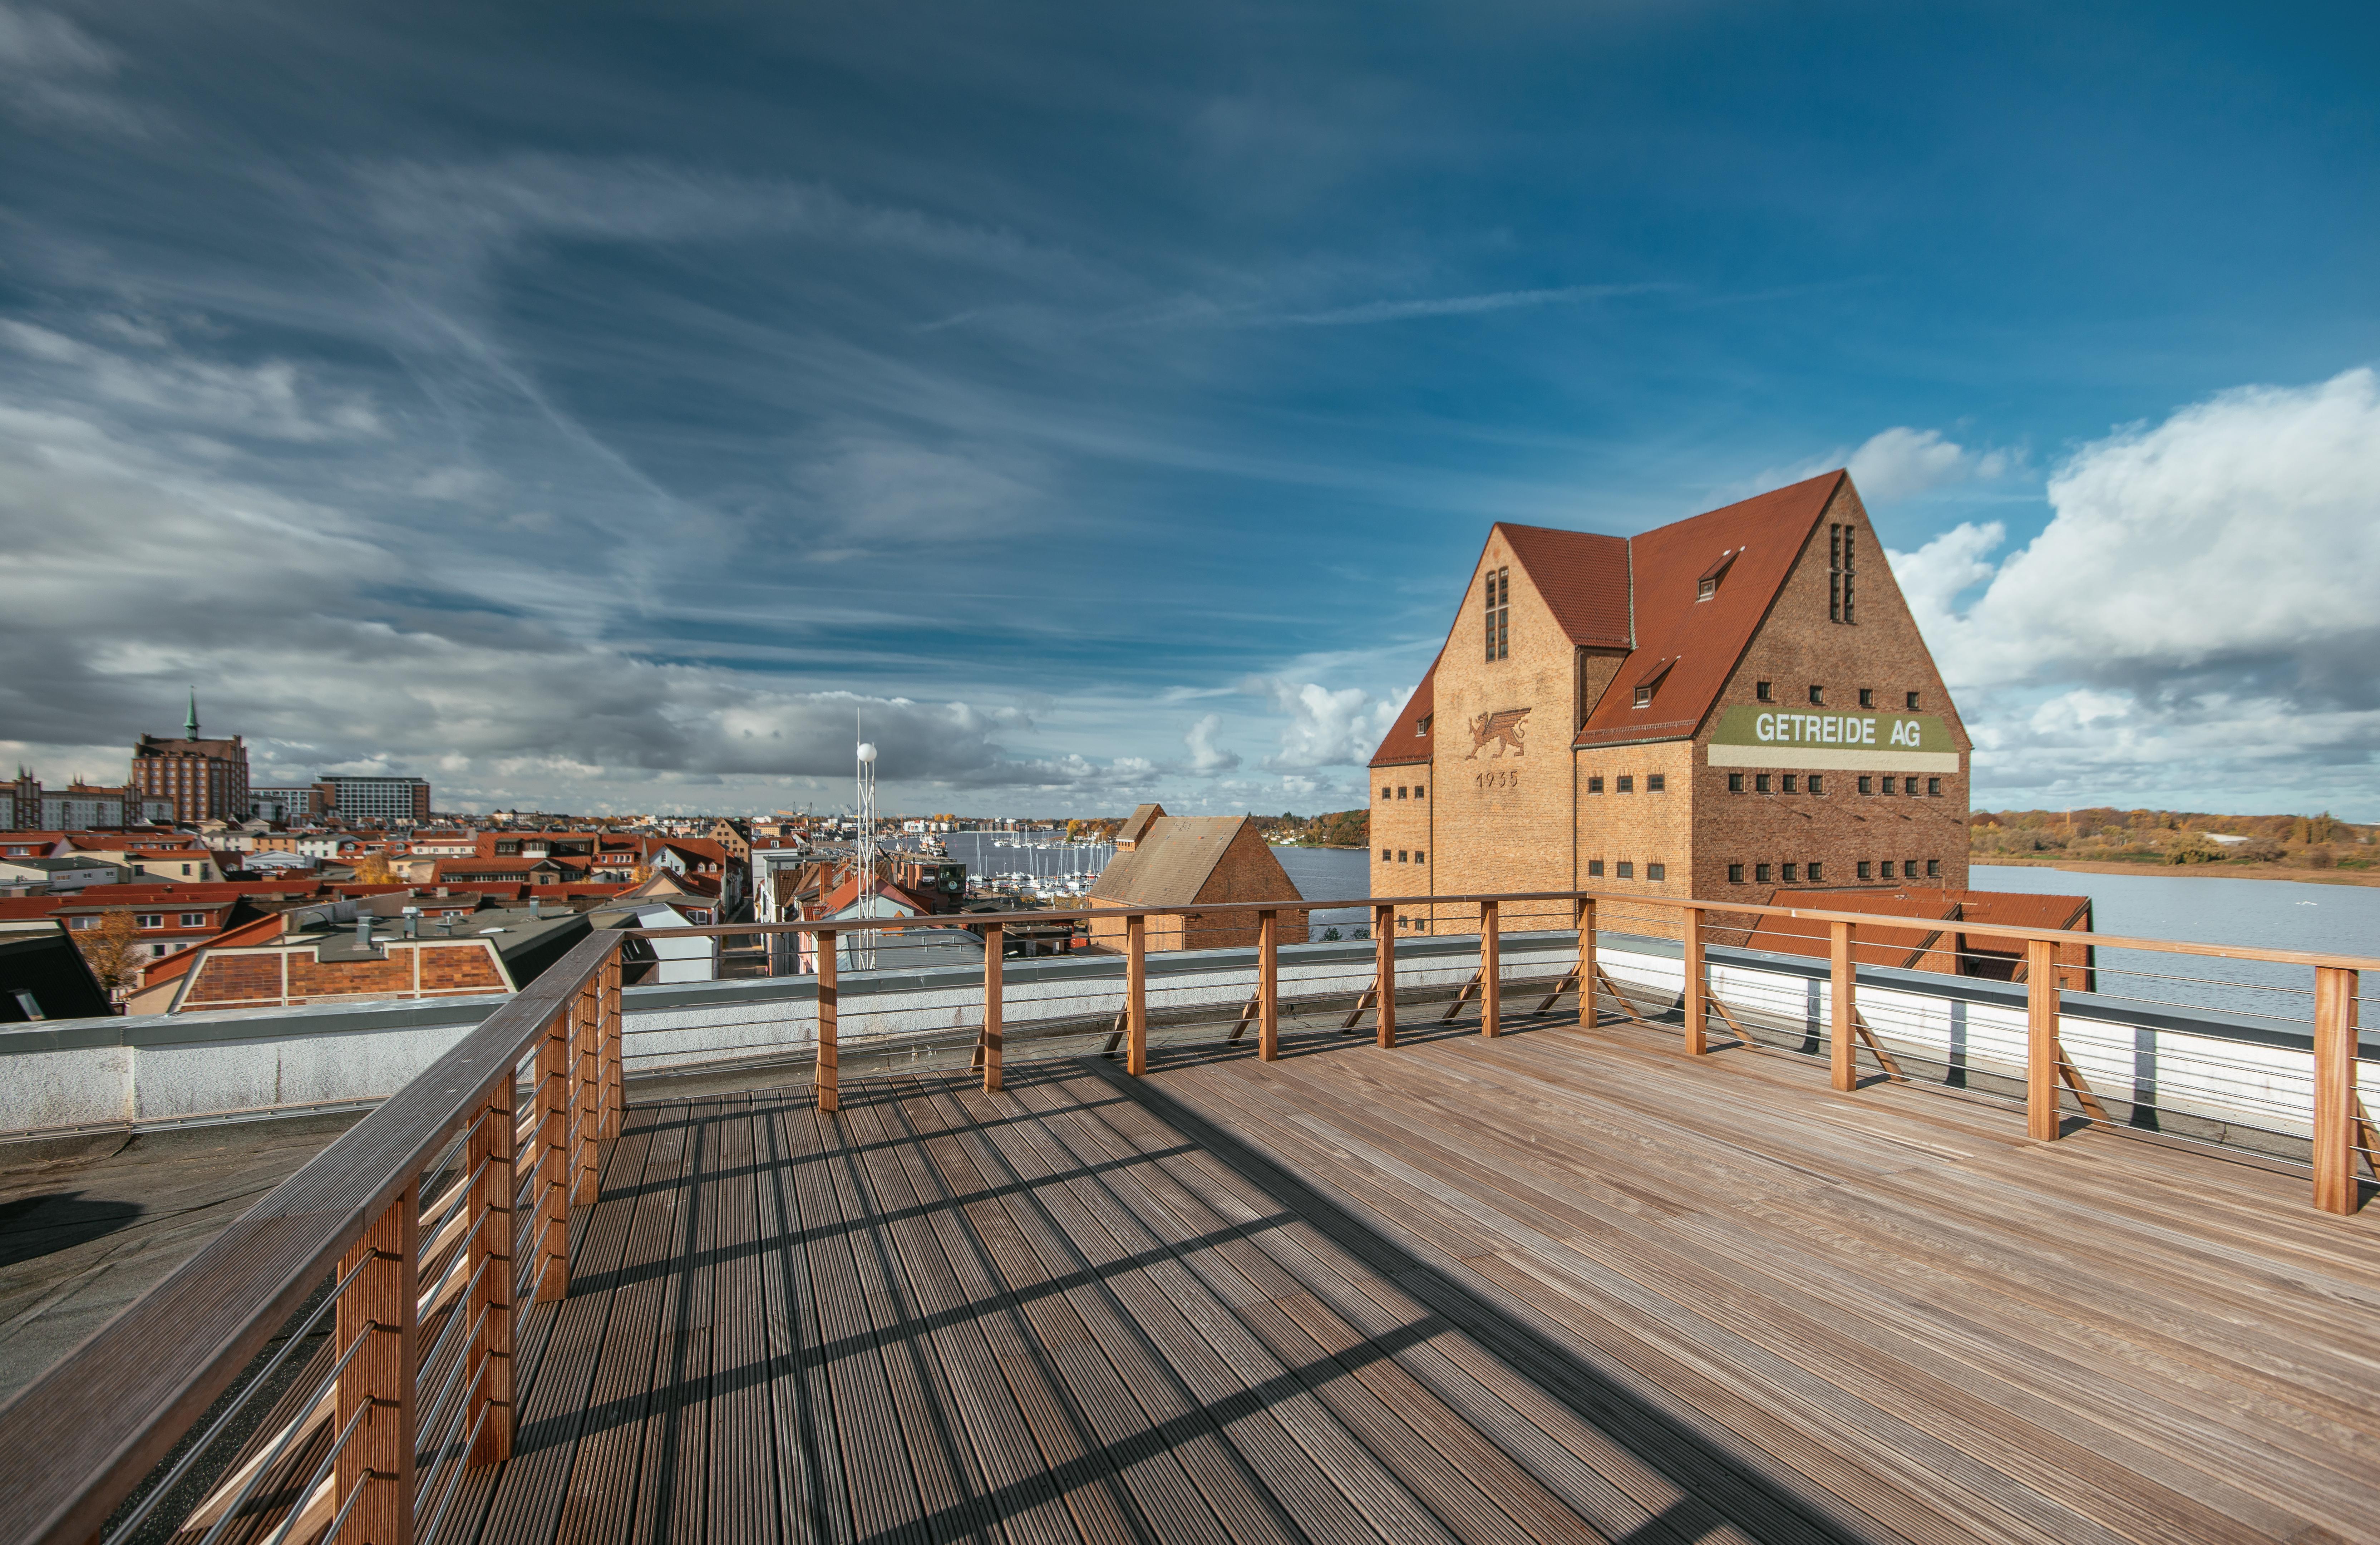 Landingpages_Rostock(3)/Rostock (3).jpg